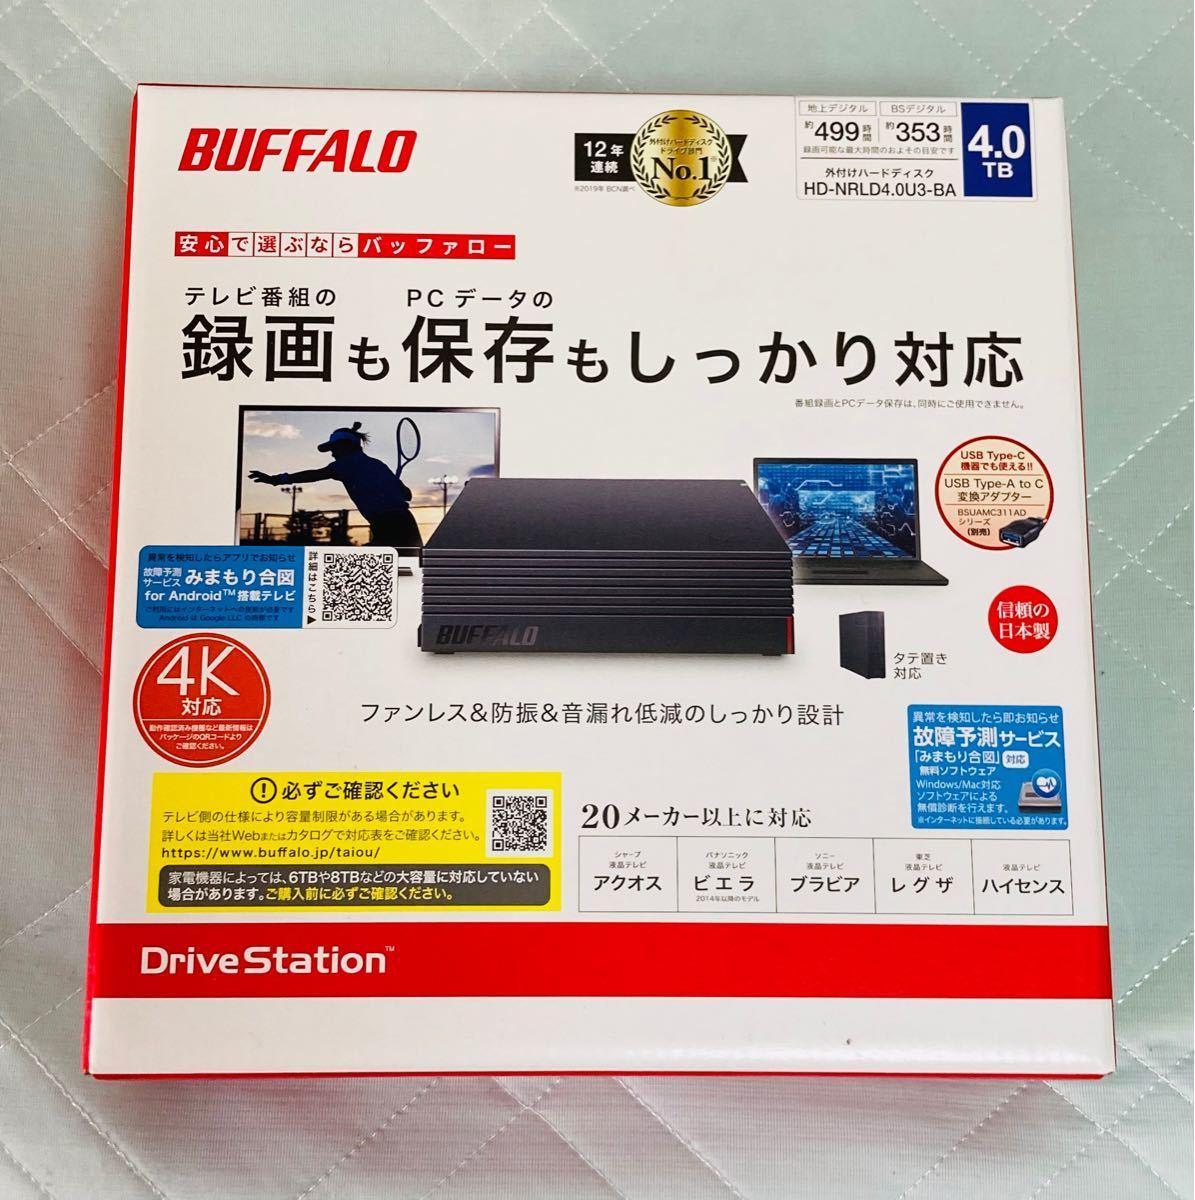 【新品・未開封】バッファロー USB3.1対応 外付けHDD 4TB(ブラック)